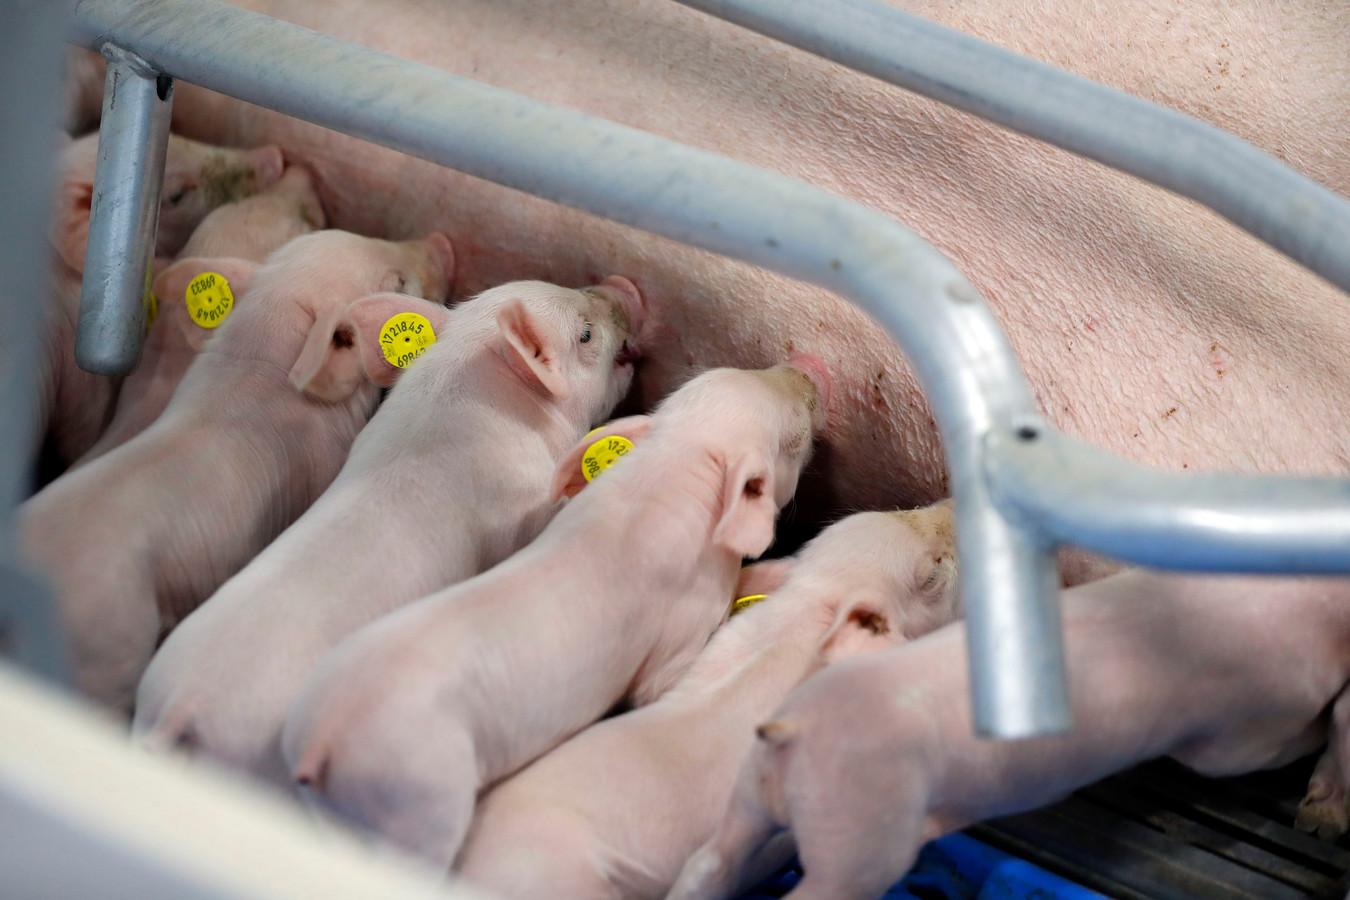 Nederland telt nu duizenden landbouwbedrijven met in totaal 100 miljoen kippen, 12 miljoen varkens, 4 miljoen koeien en 600.000 geiten.